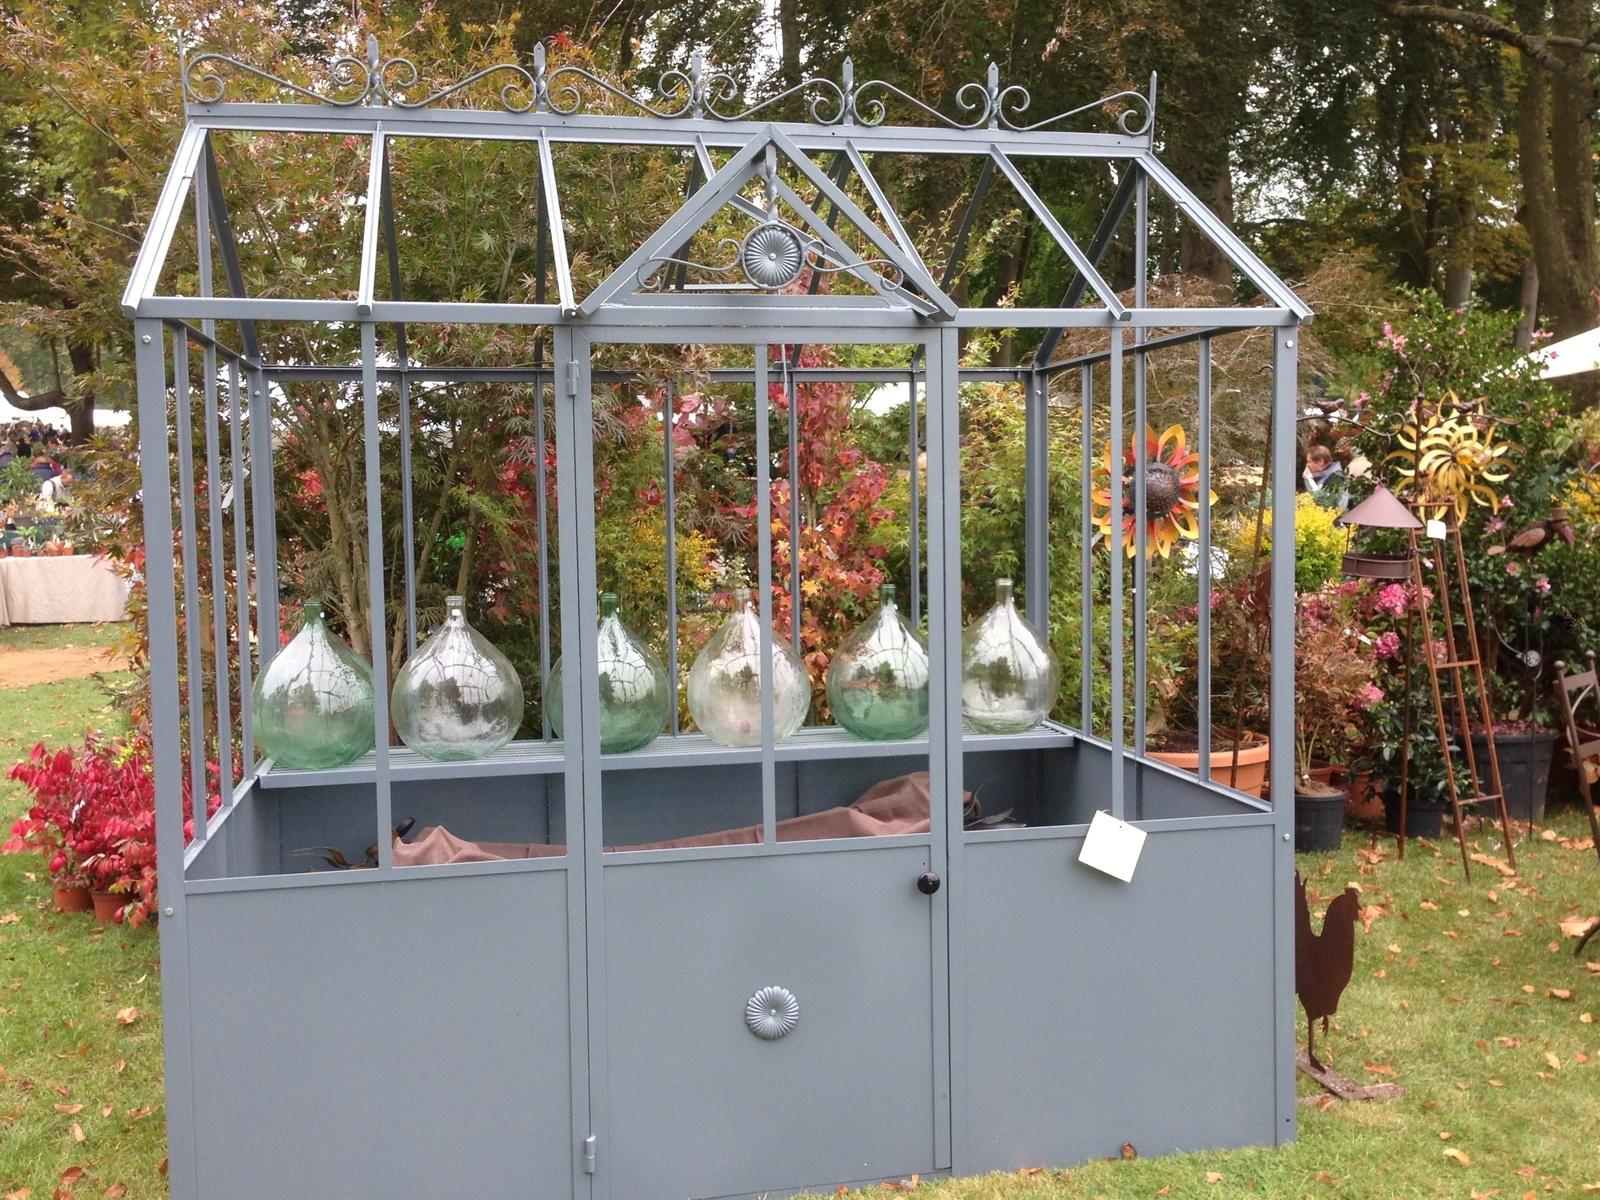 Une Serre Pour Les Semis Du Seeds Of Love - Jardins Merveilleux à Serres De Jardin D Occasion